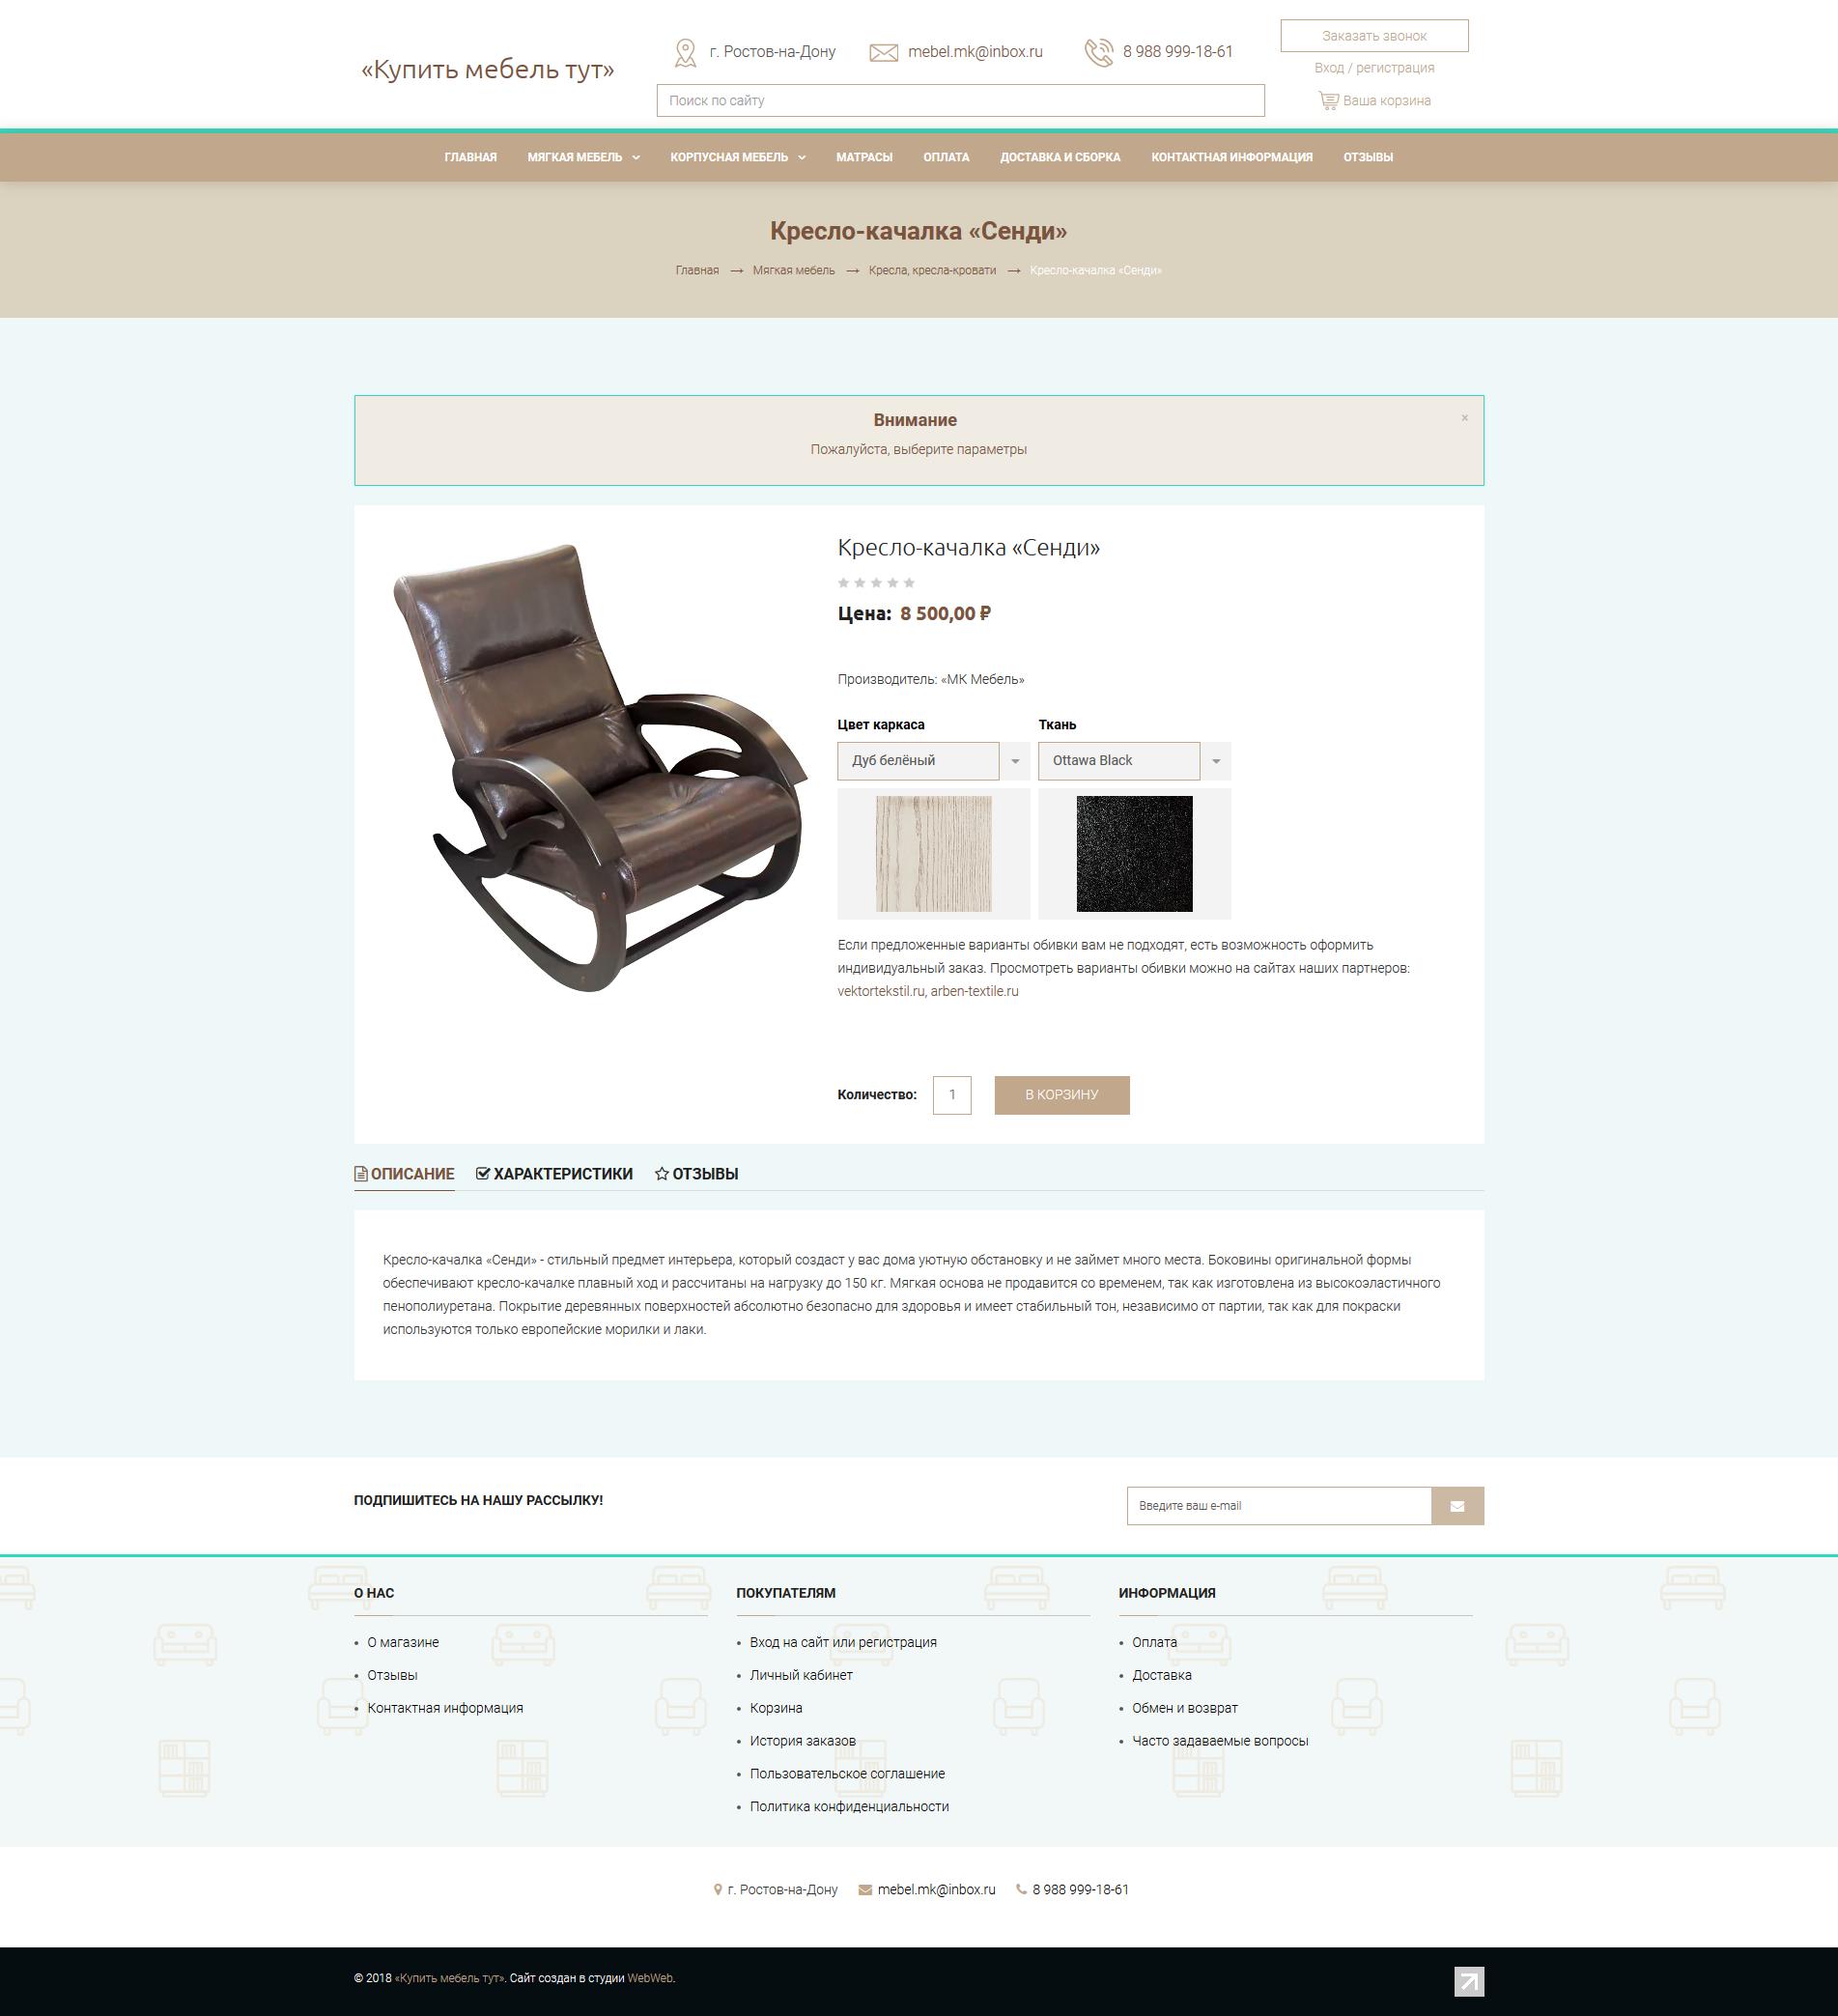 Интернет-магазин мебели «Купить мебель тут», работающий по Ростовской области. [Апрель 2018 г.]